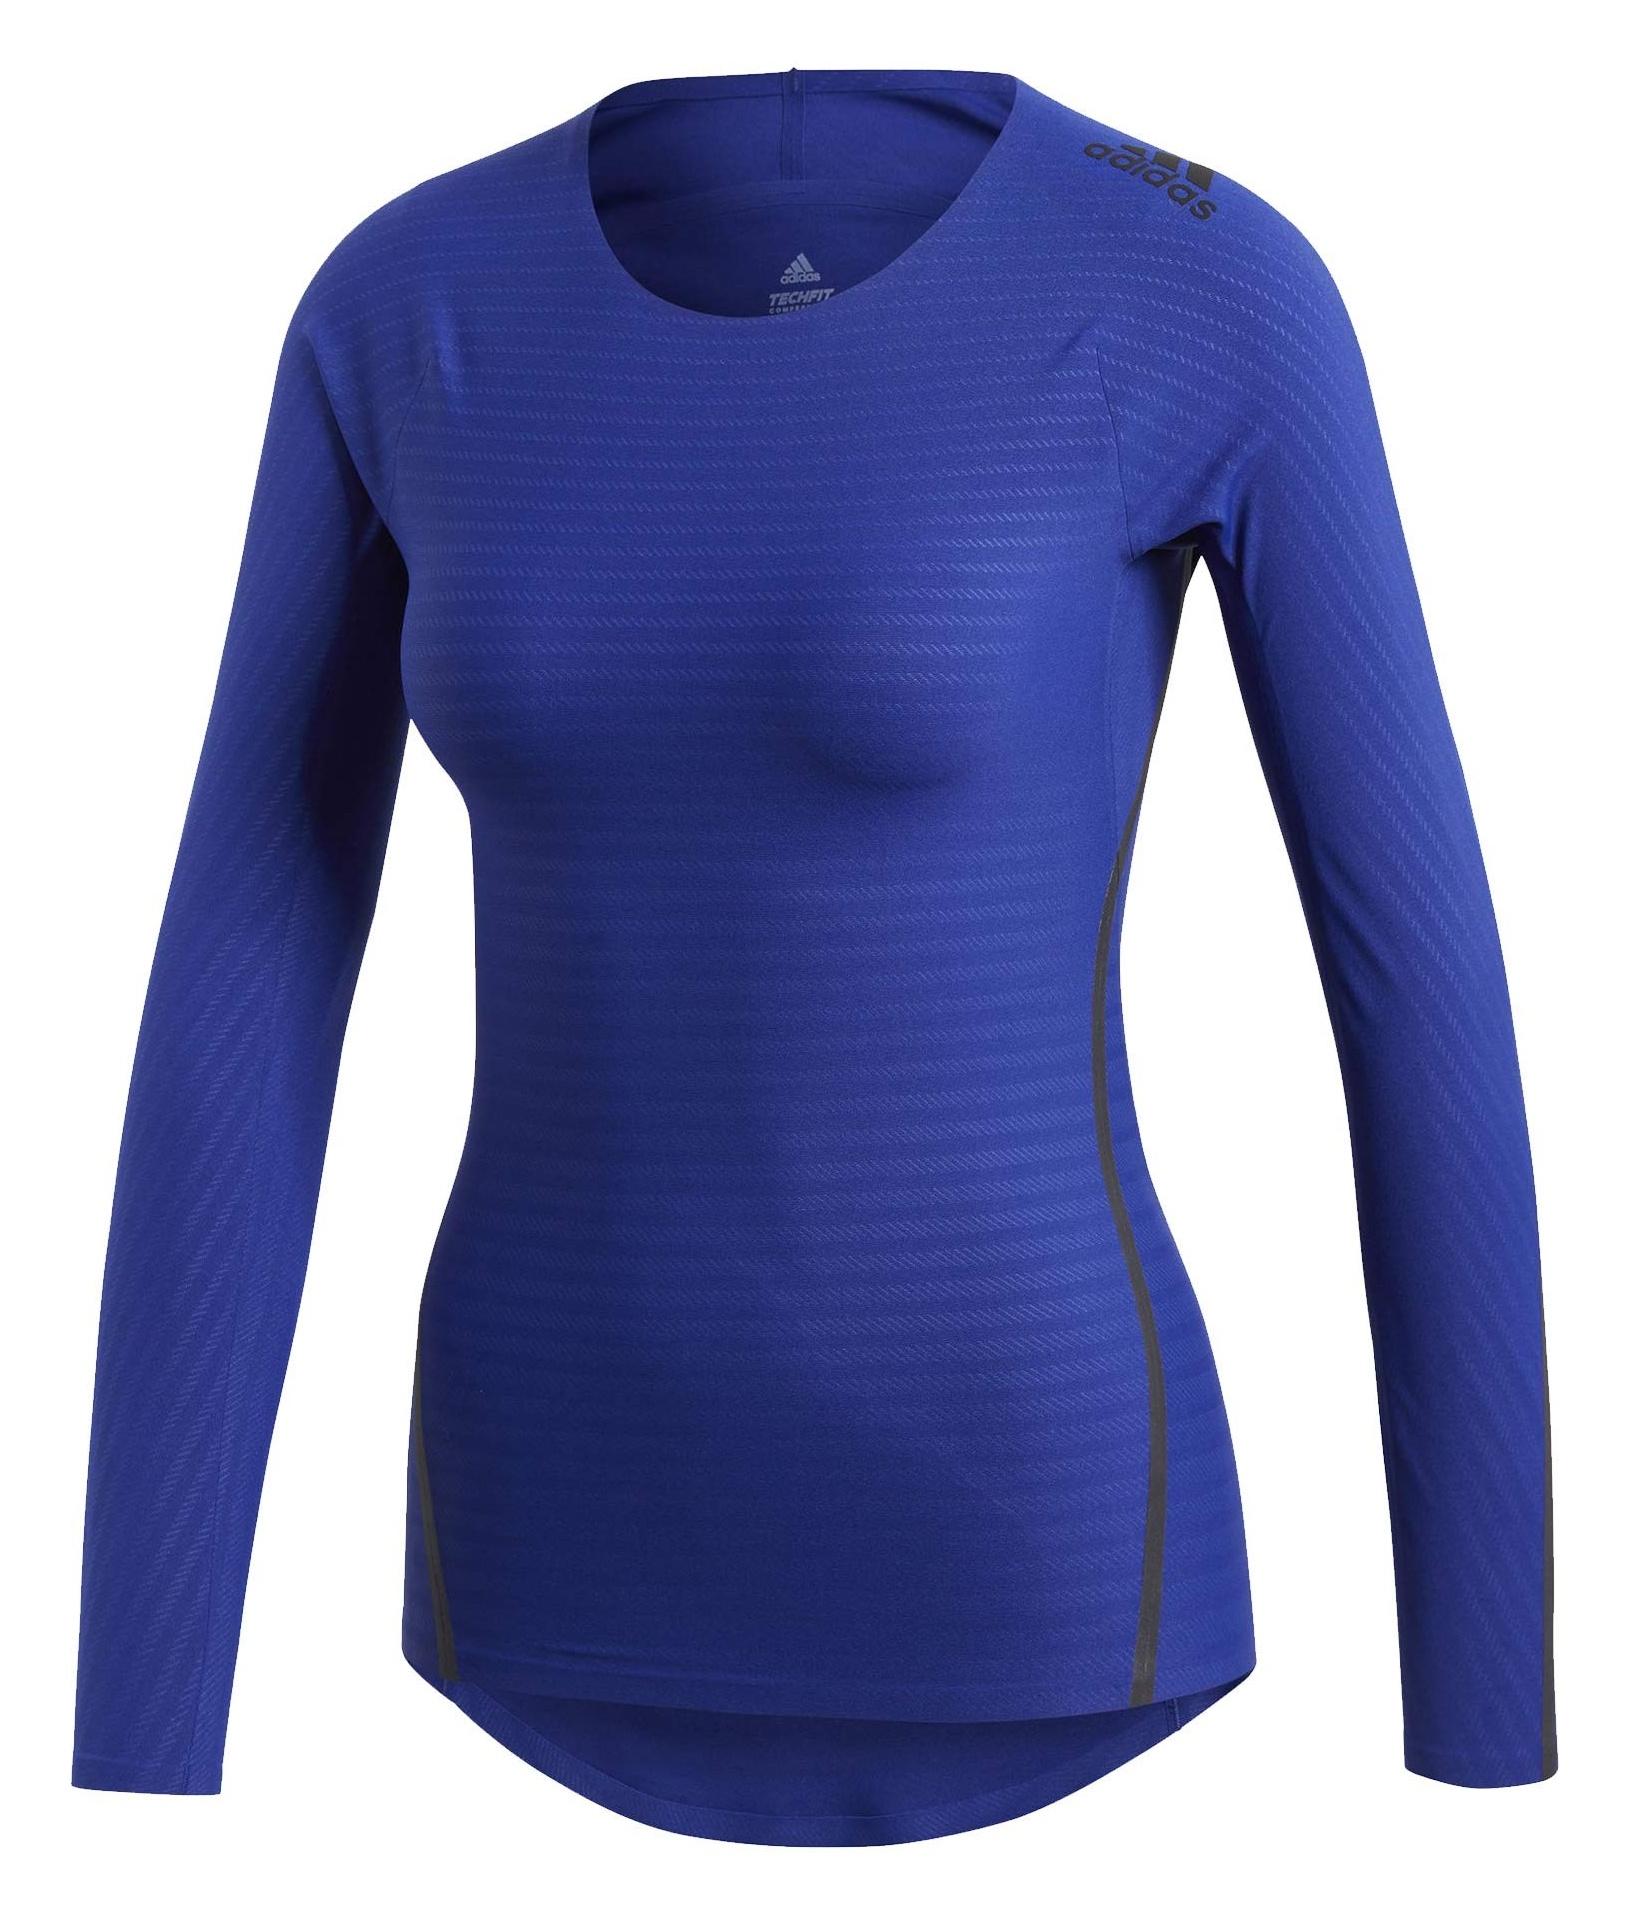 تی شرت ورزشی آستین بلند زنانه Alphaskin 360 - آدیداس